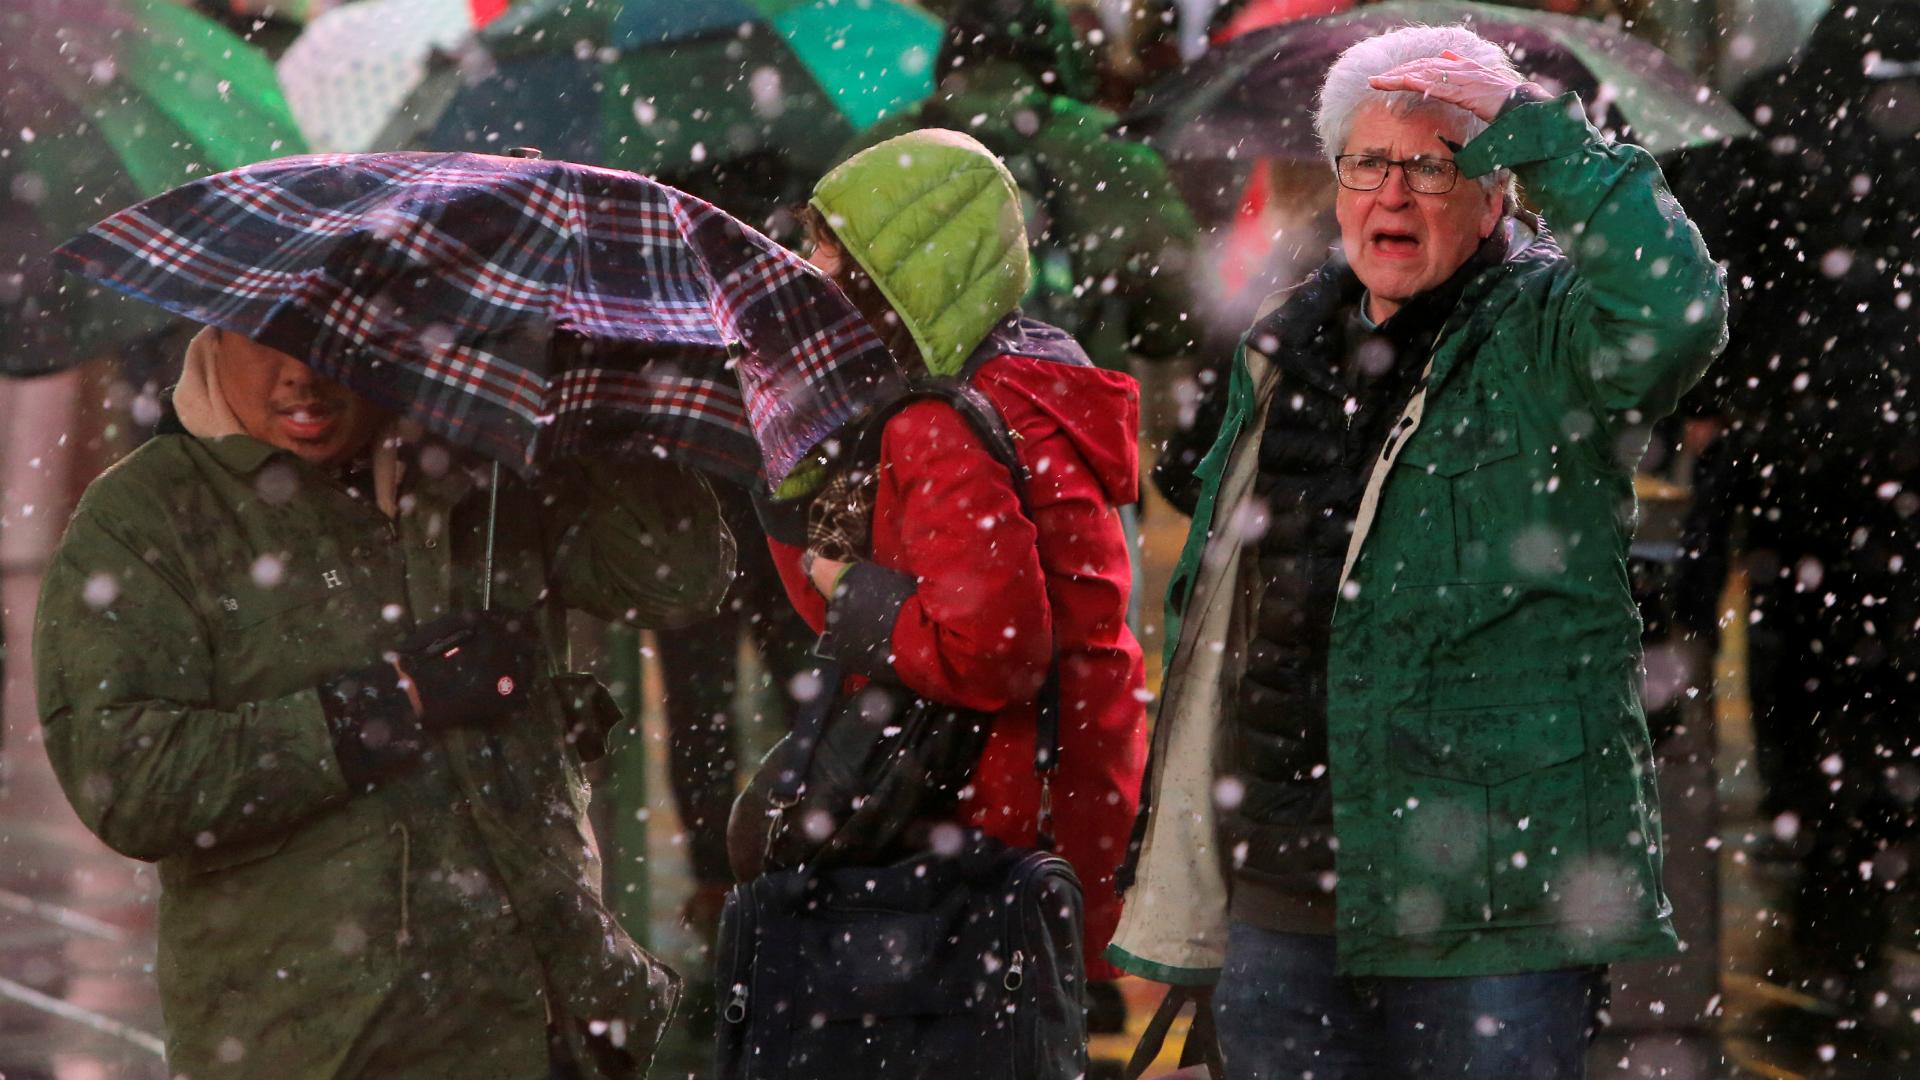 La tormenta se sintió con fuerza en la ciudad de Nueva York. (Reuters)